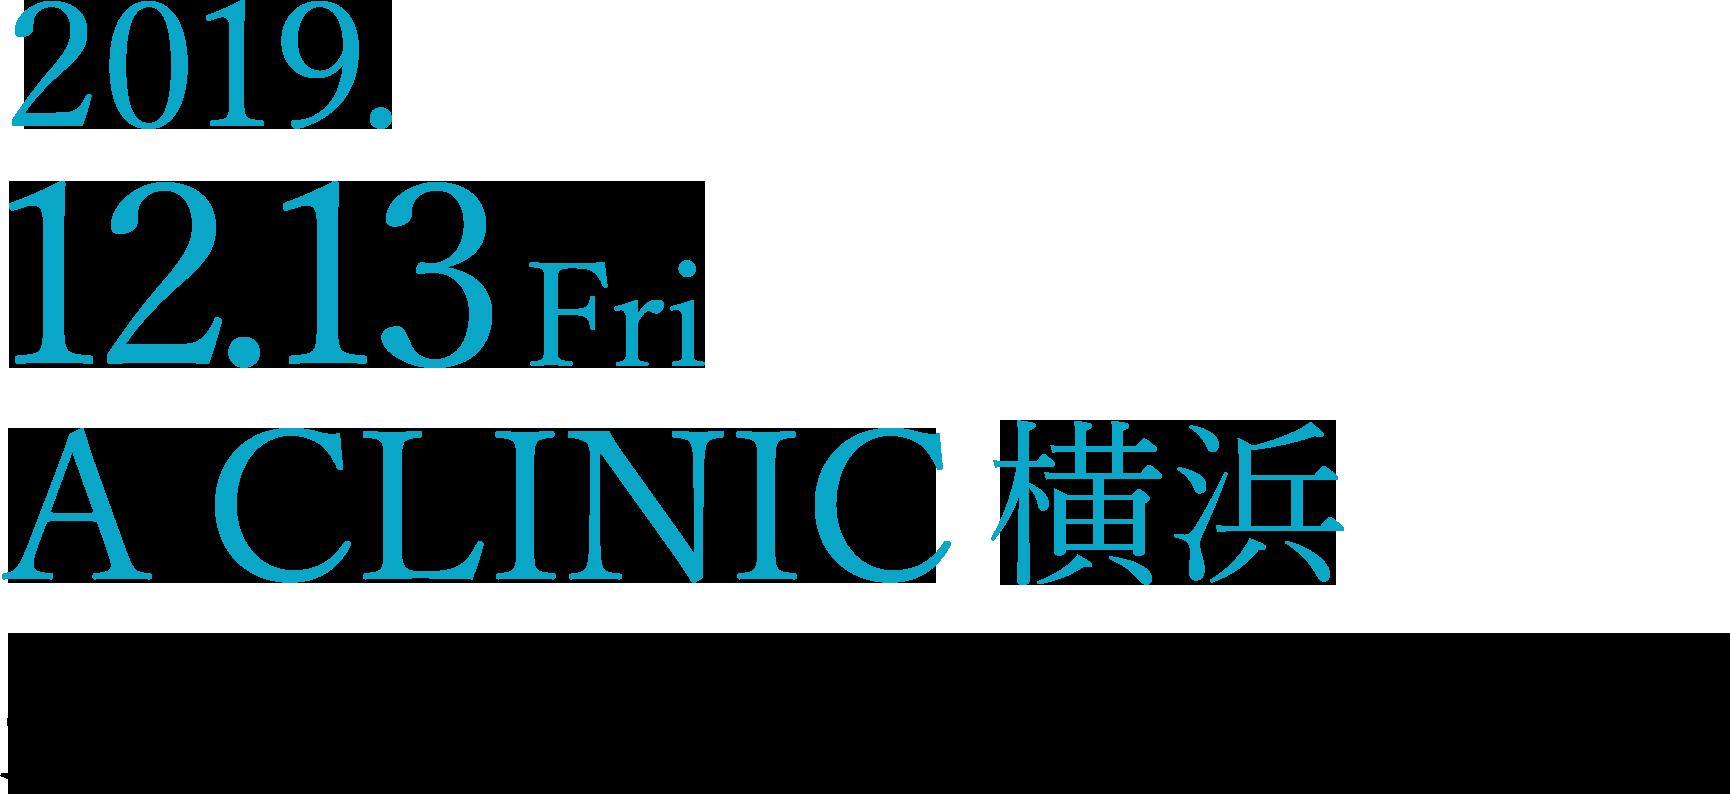 2019.12.13 A CLINIC横浜拡大&移転リニューアル